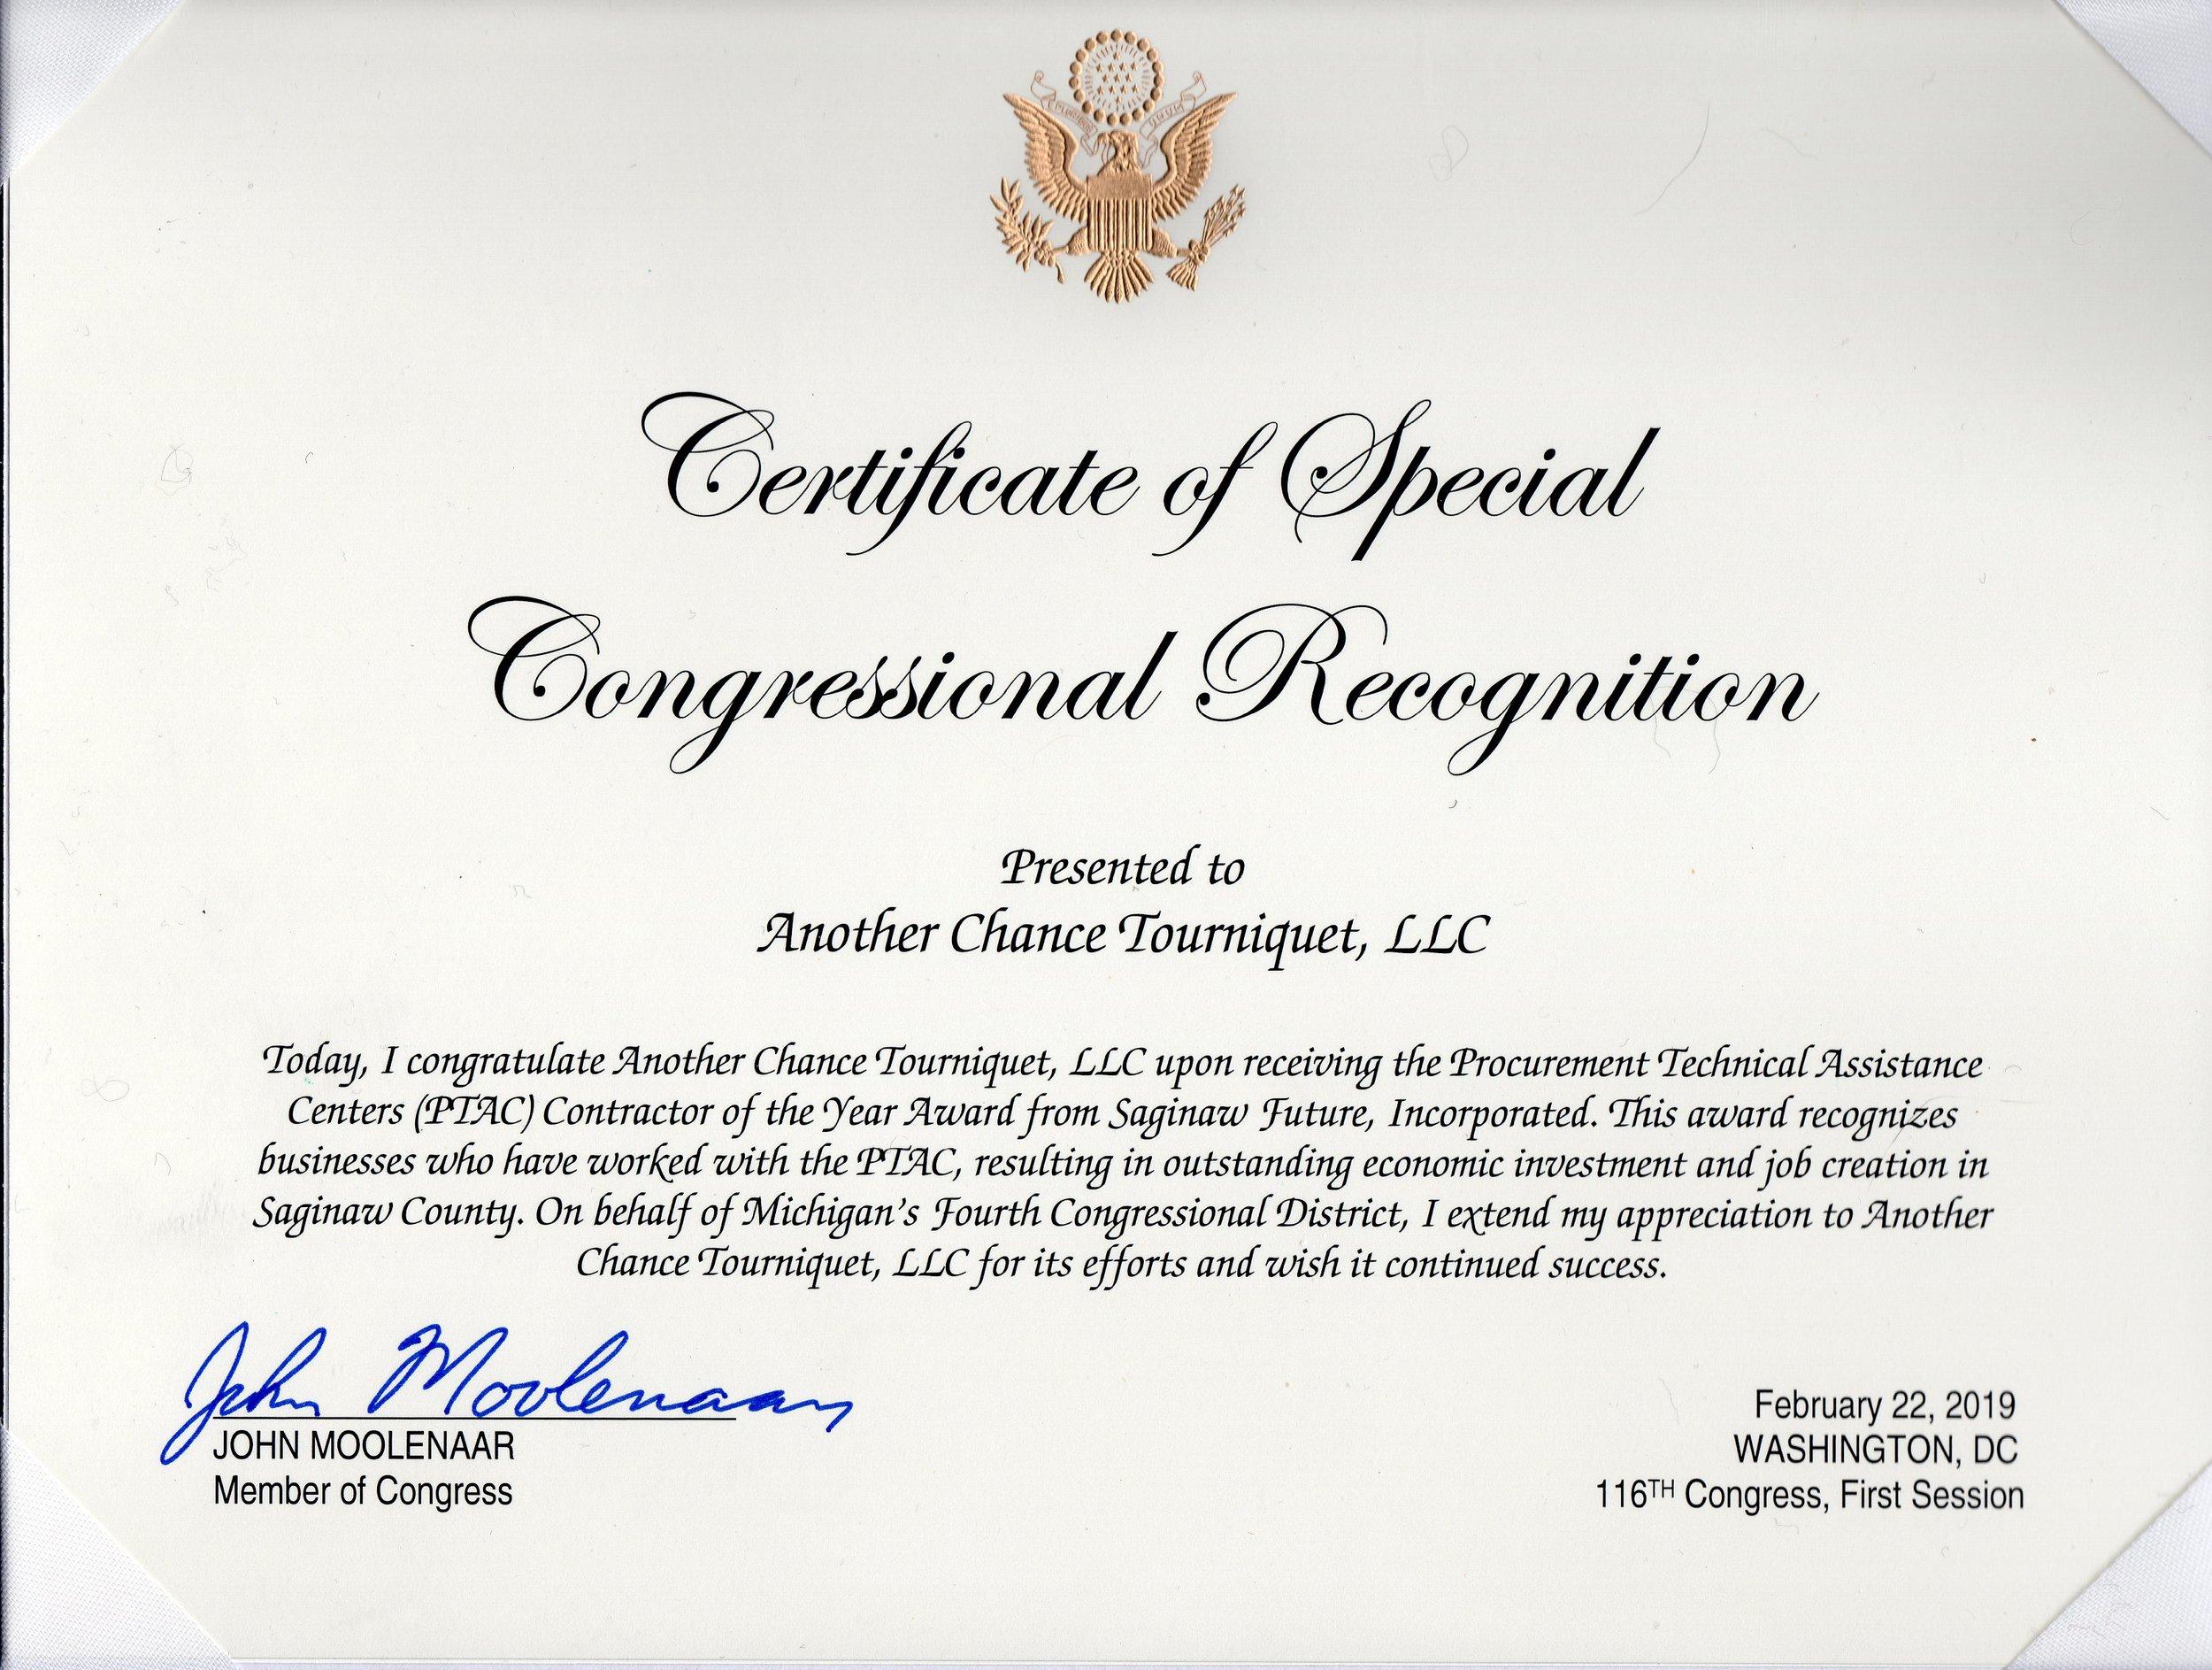 US Congress20190224_20174610.jpg